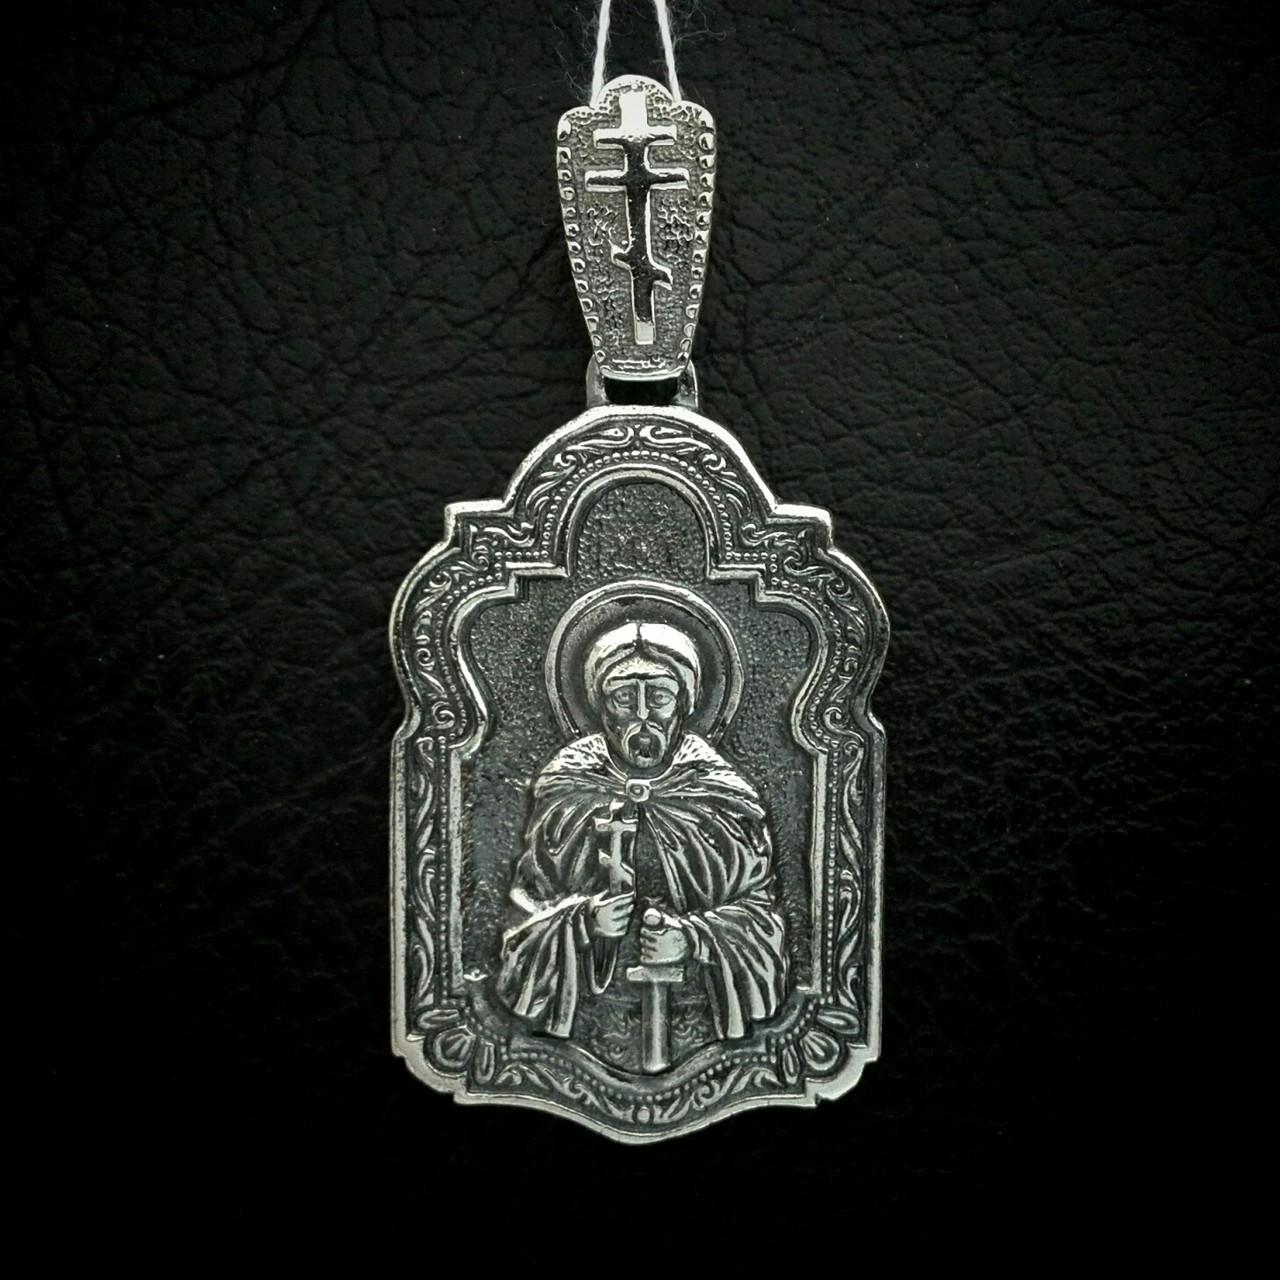 Срібна підвіска-ладанка Святий Олександр Невський